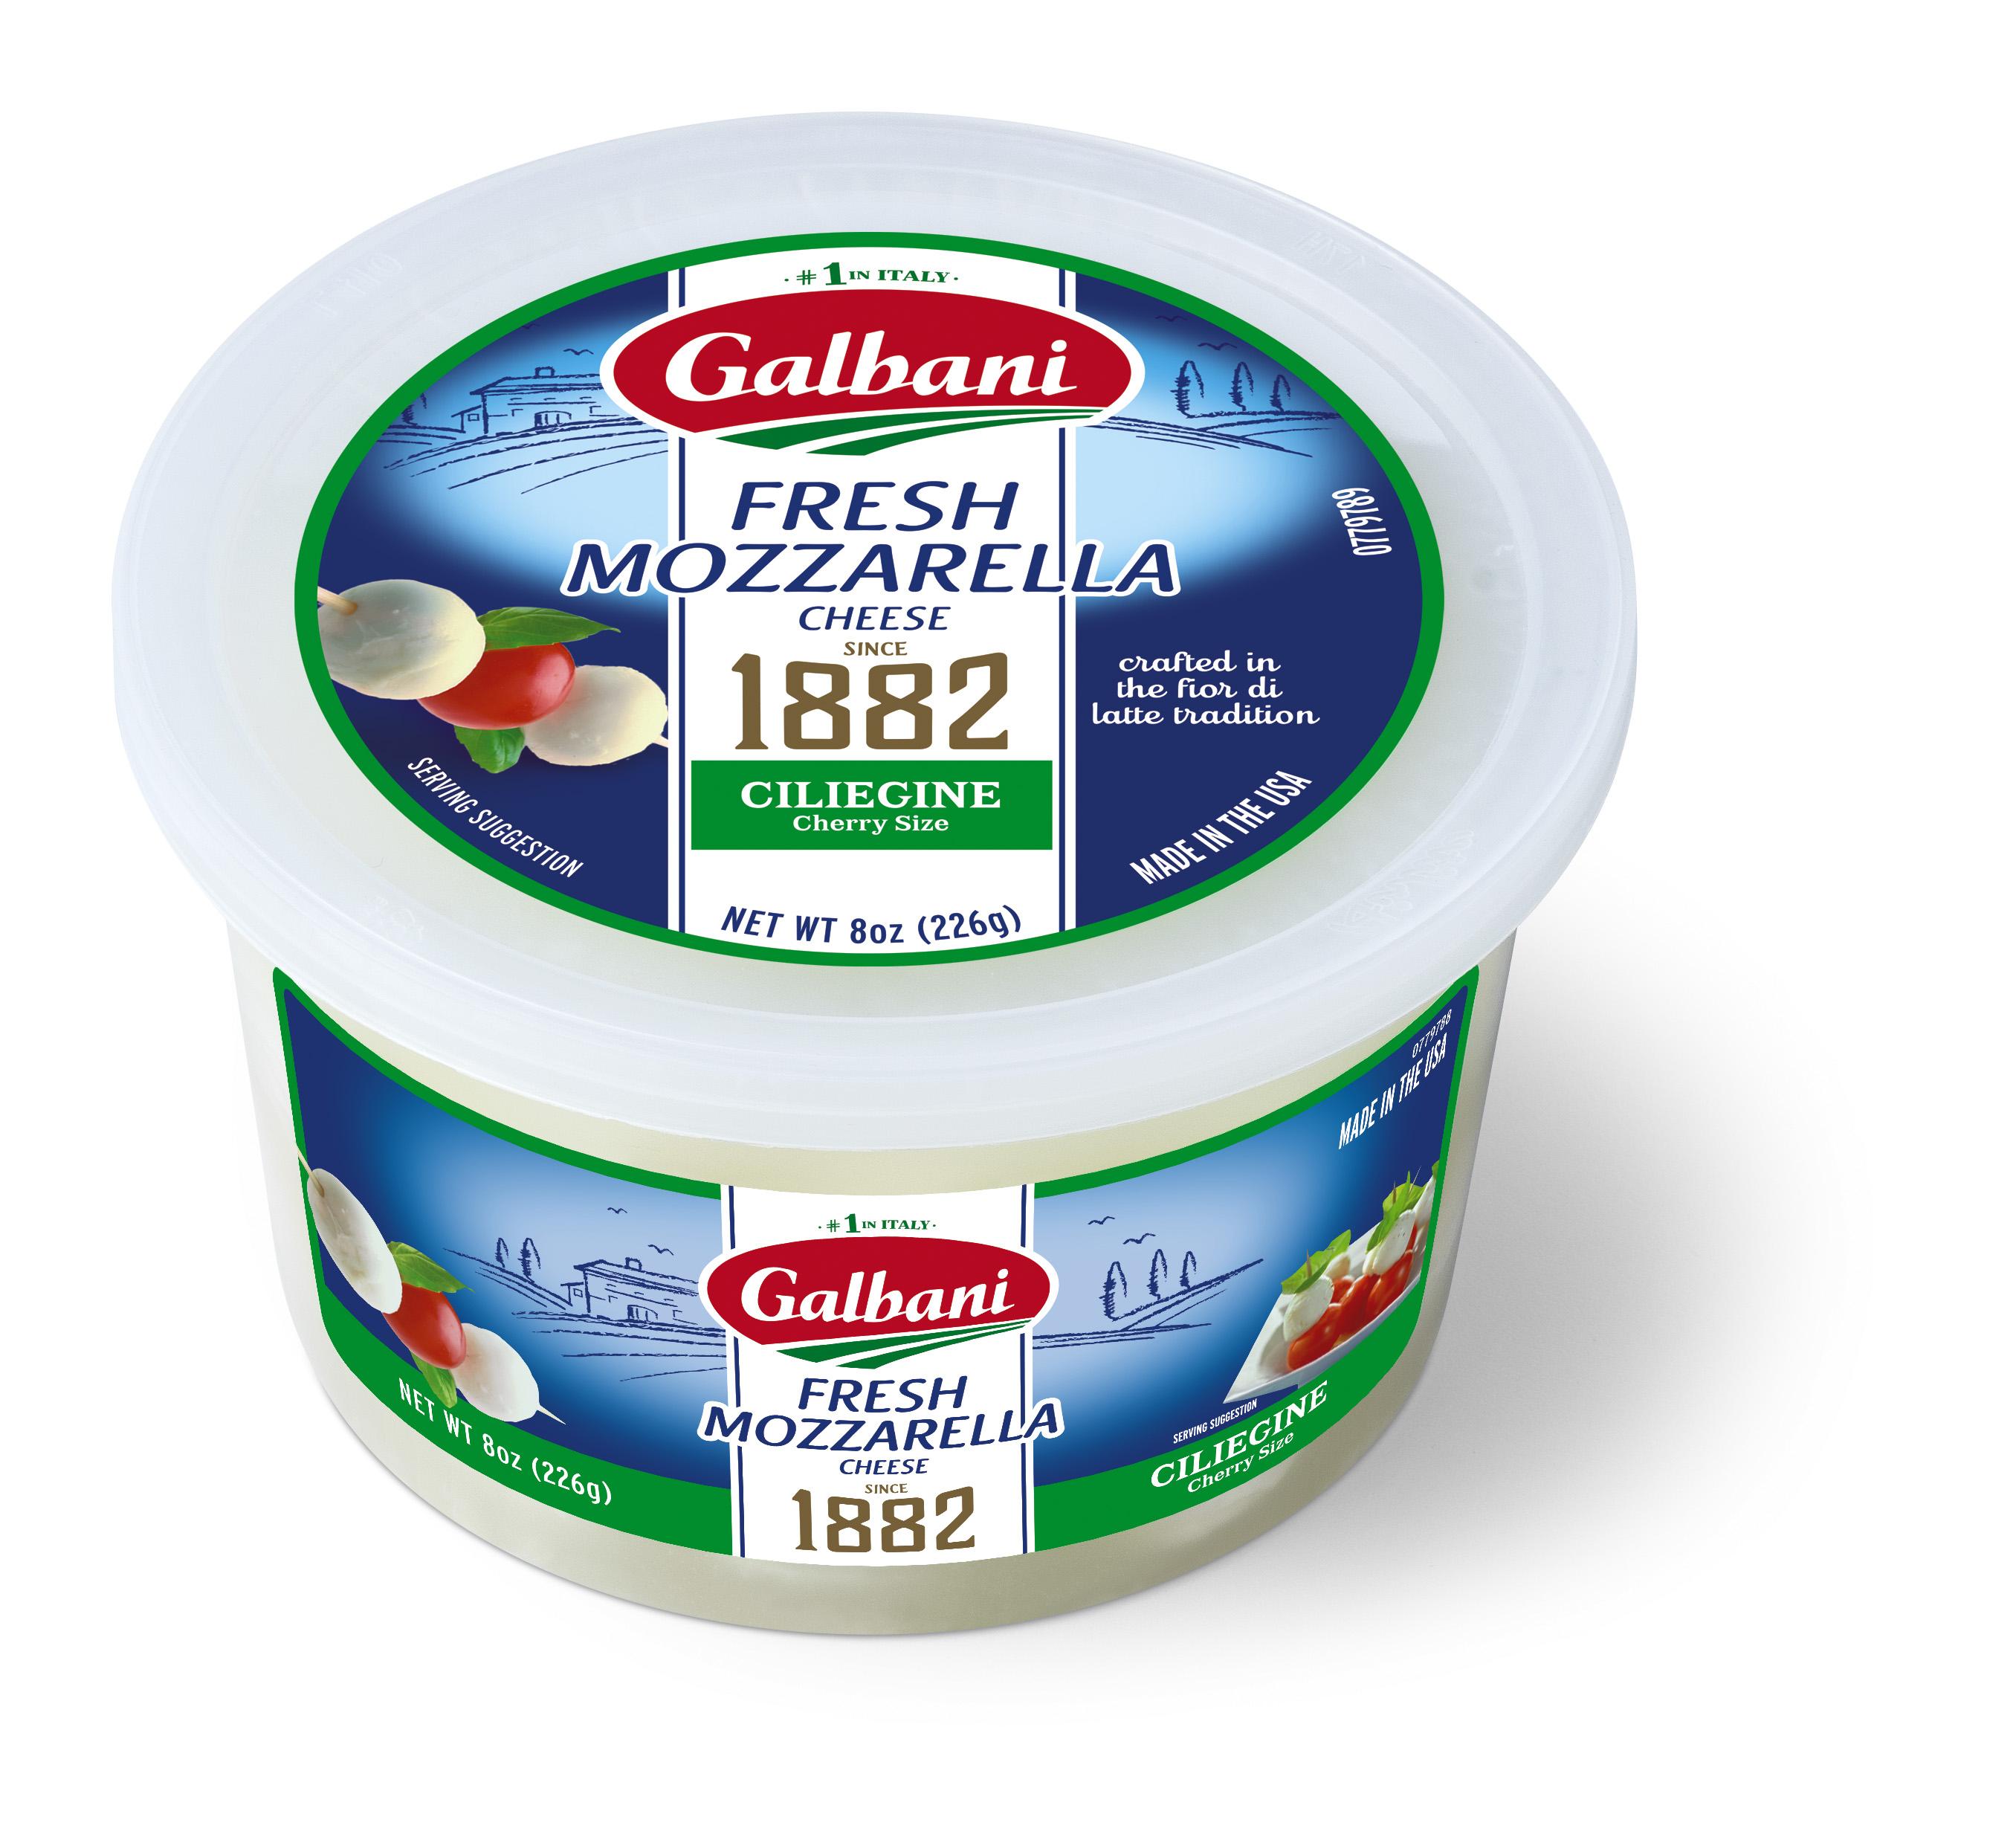 Fresh Mozzarella Ciliegine - Galbani Cheese